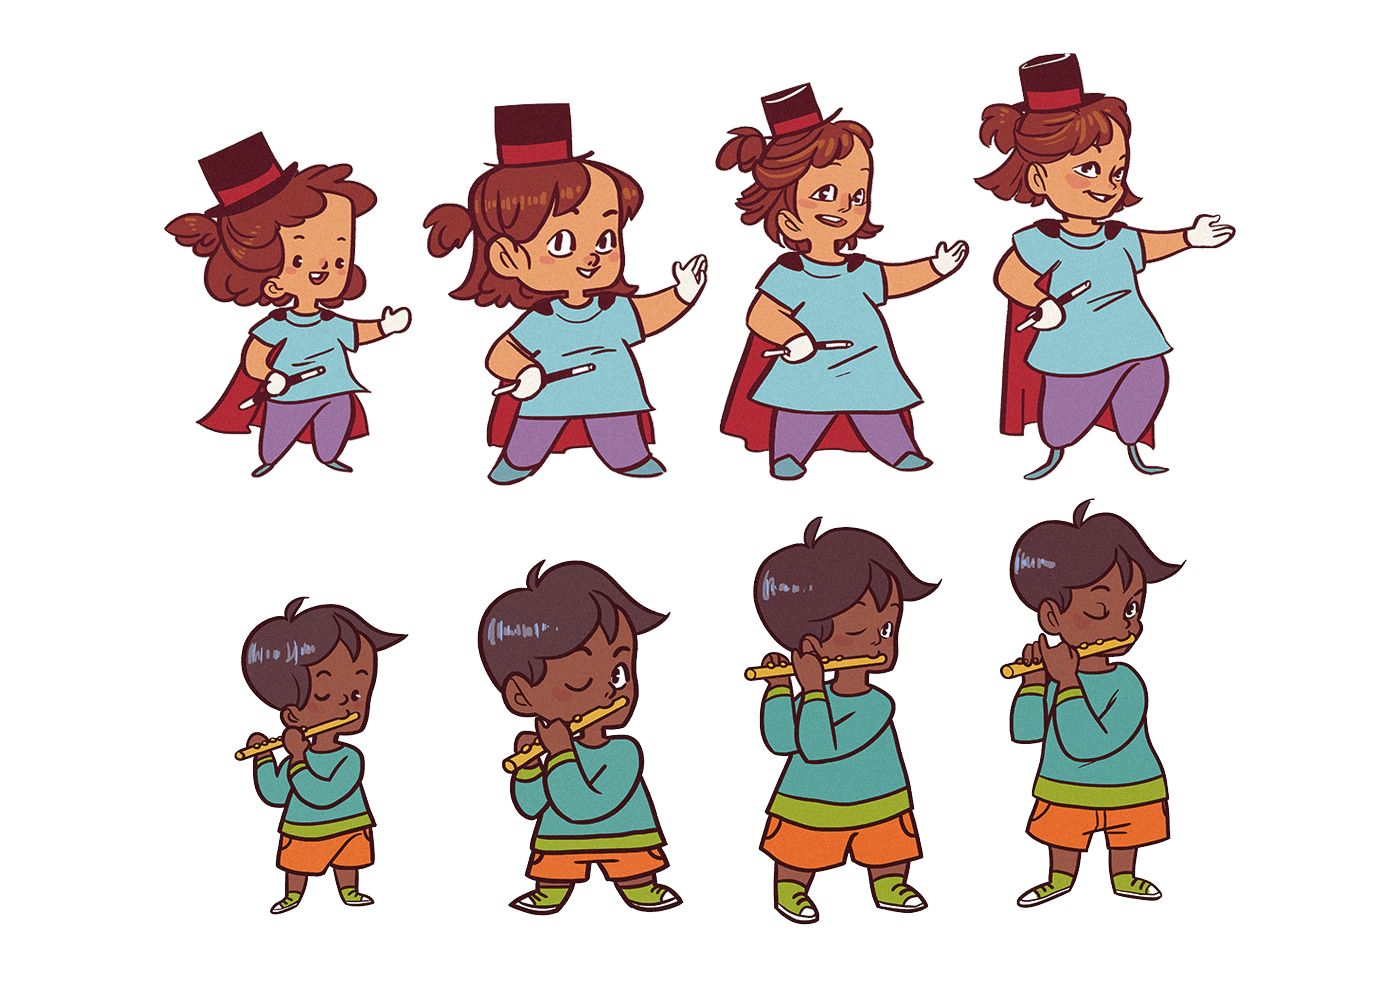 art direction  Character design  children children's app digital illustration ILLUSTRATION  Visual Development